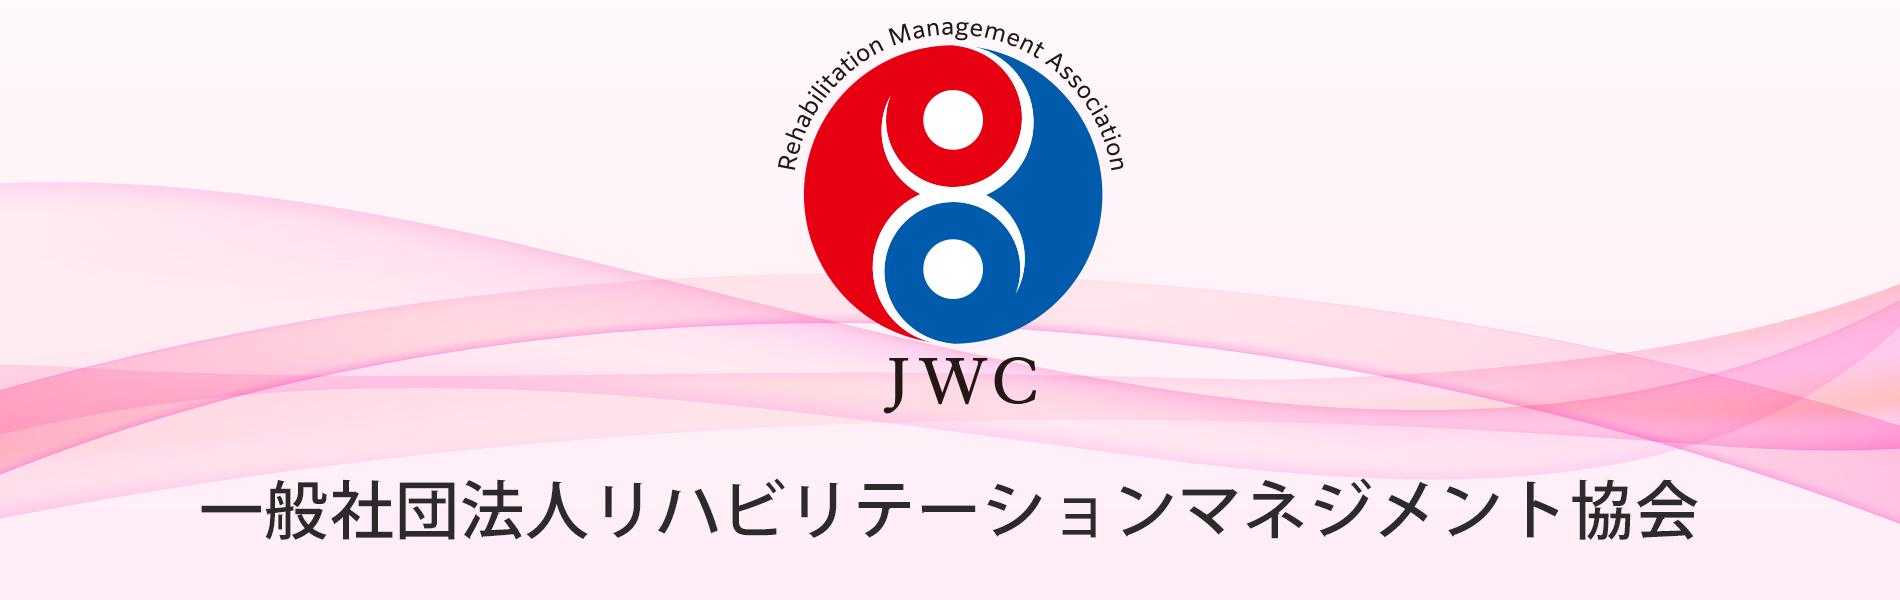 一般社団法人JWCリハビリテーションマネジメント協会